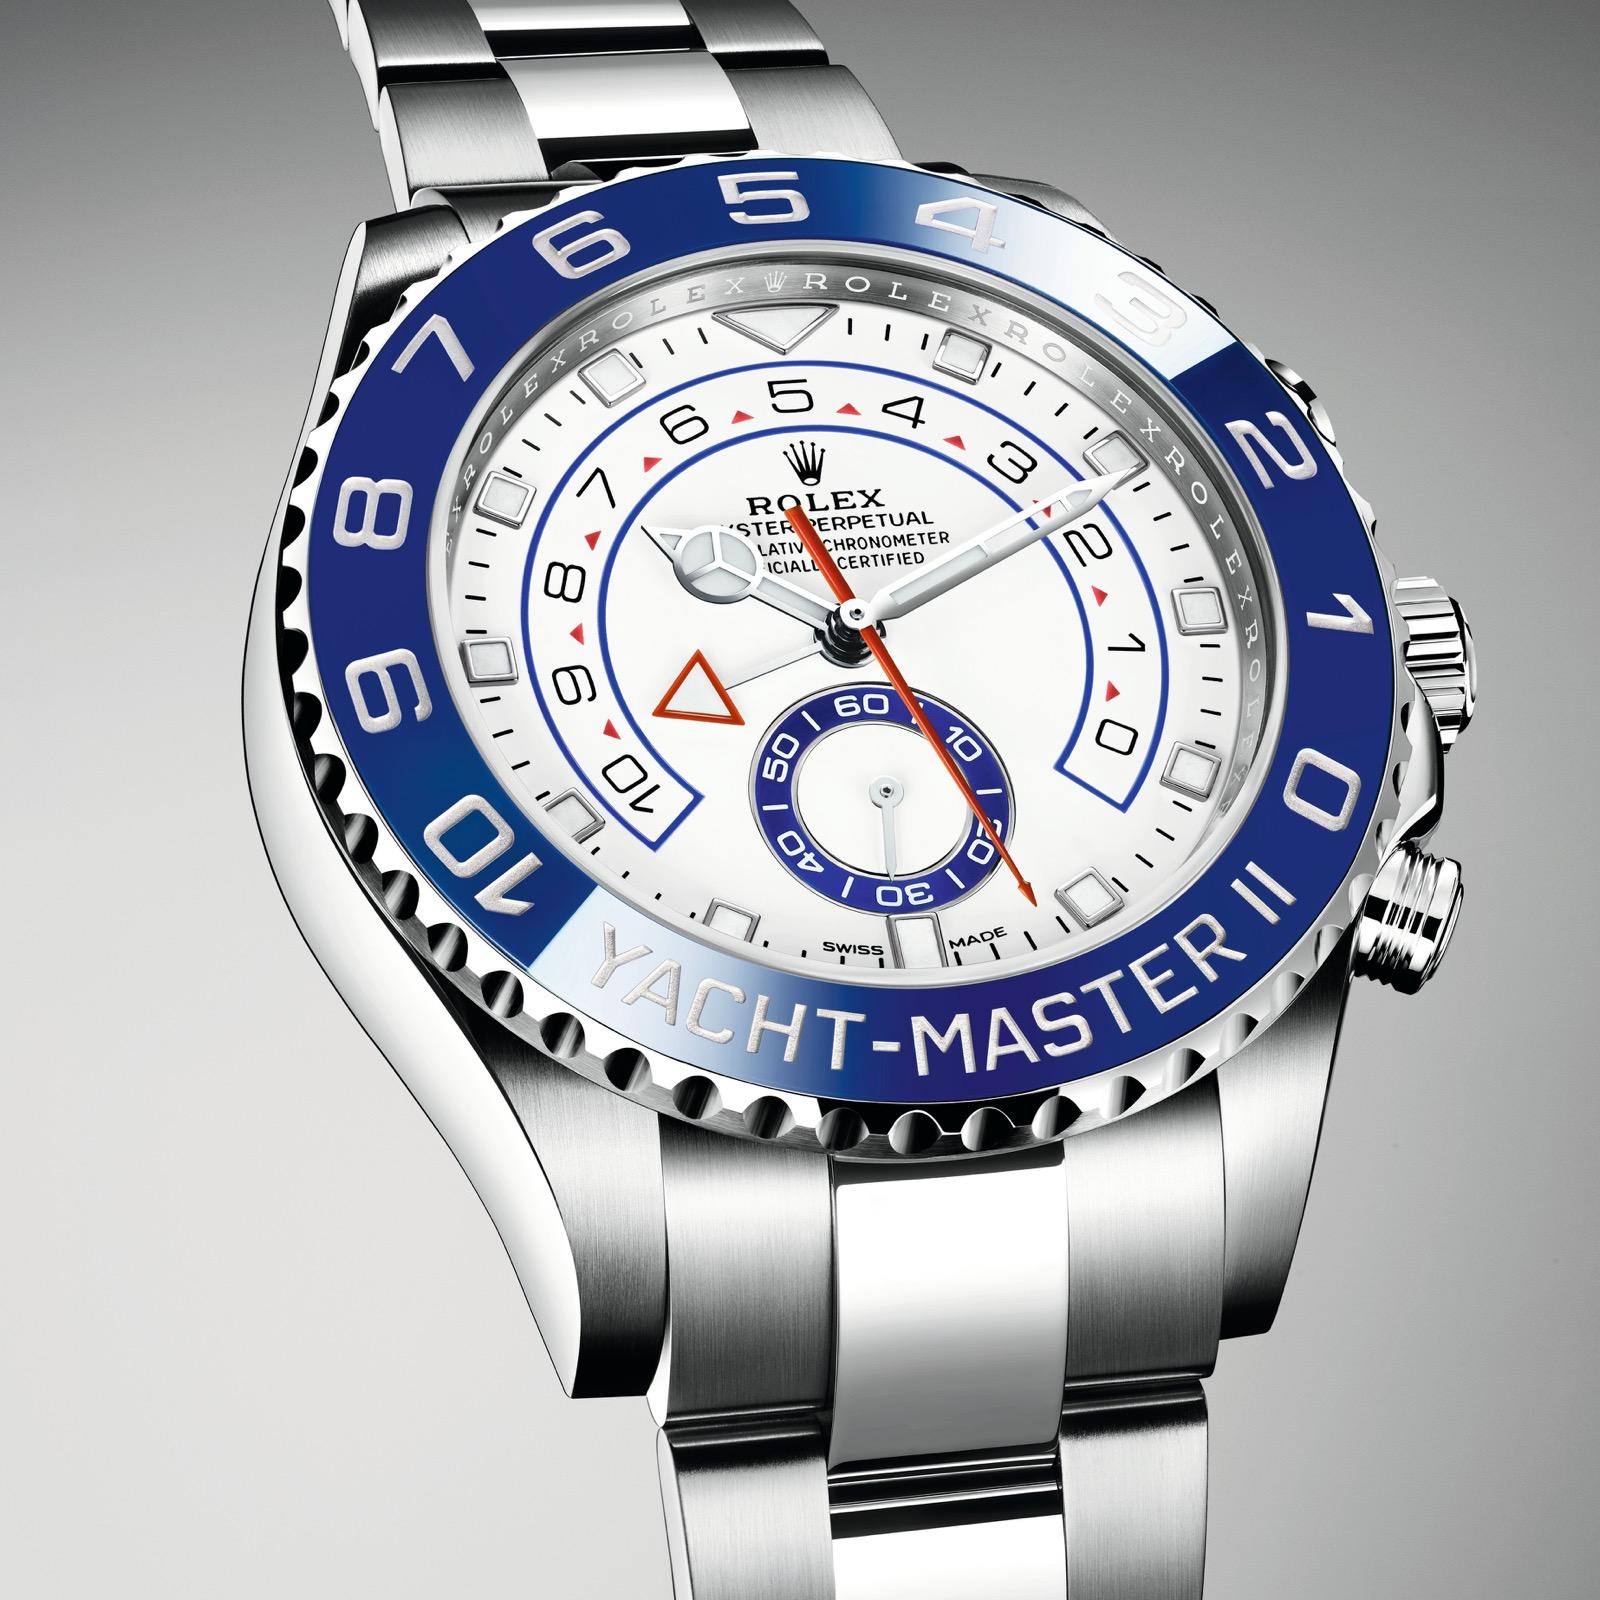 Rolex Yacht-Master II - 116680